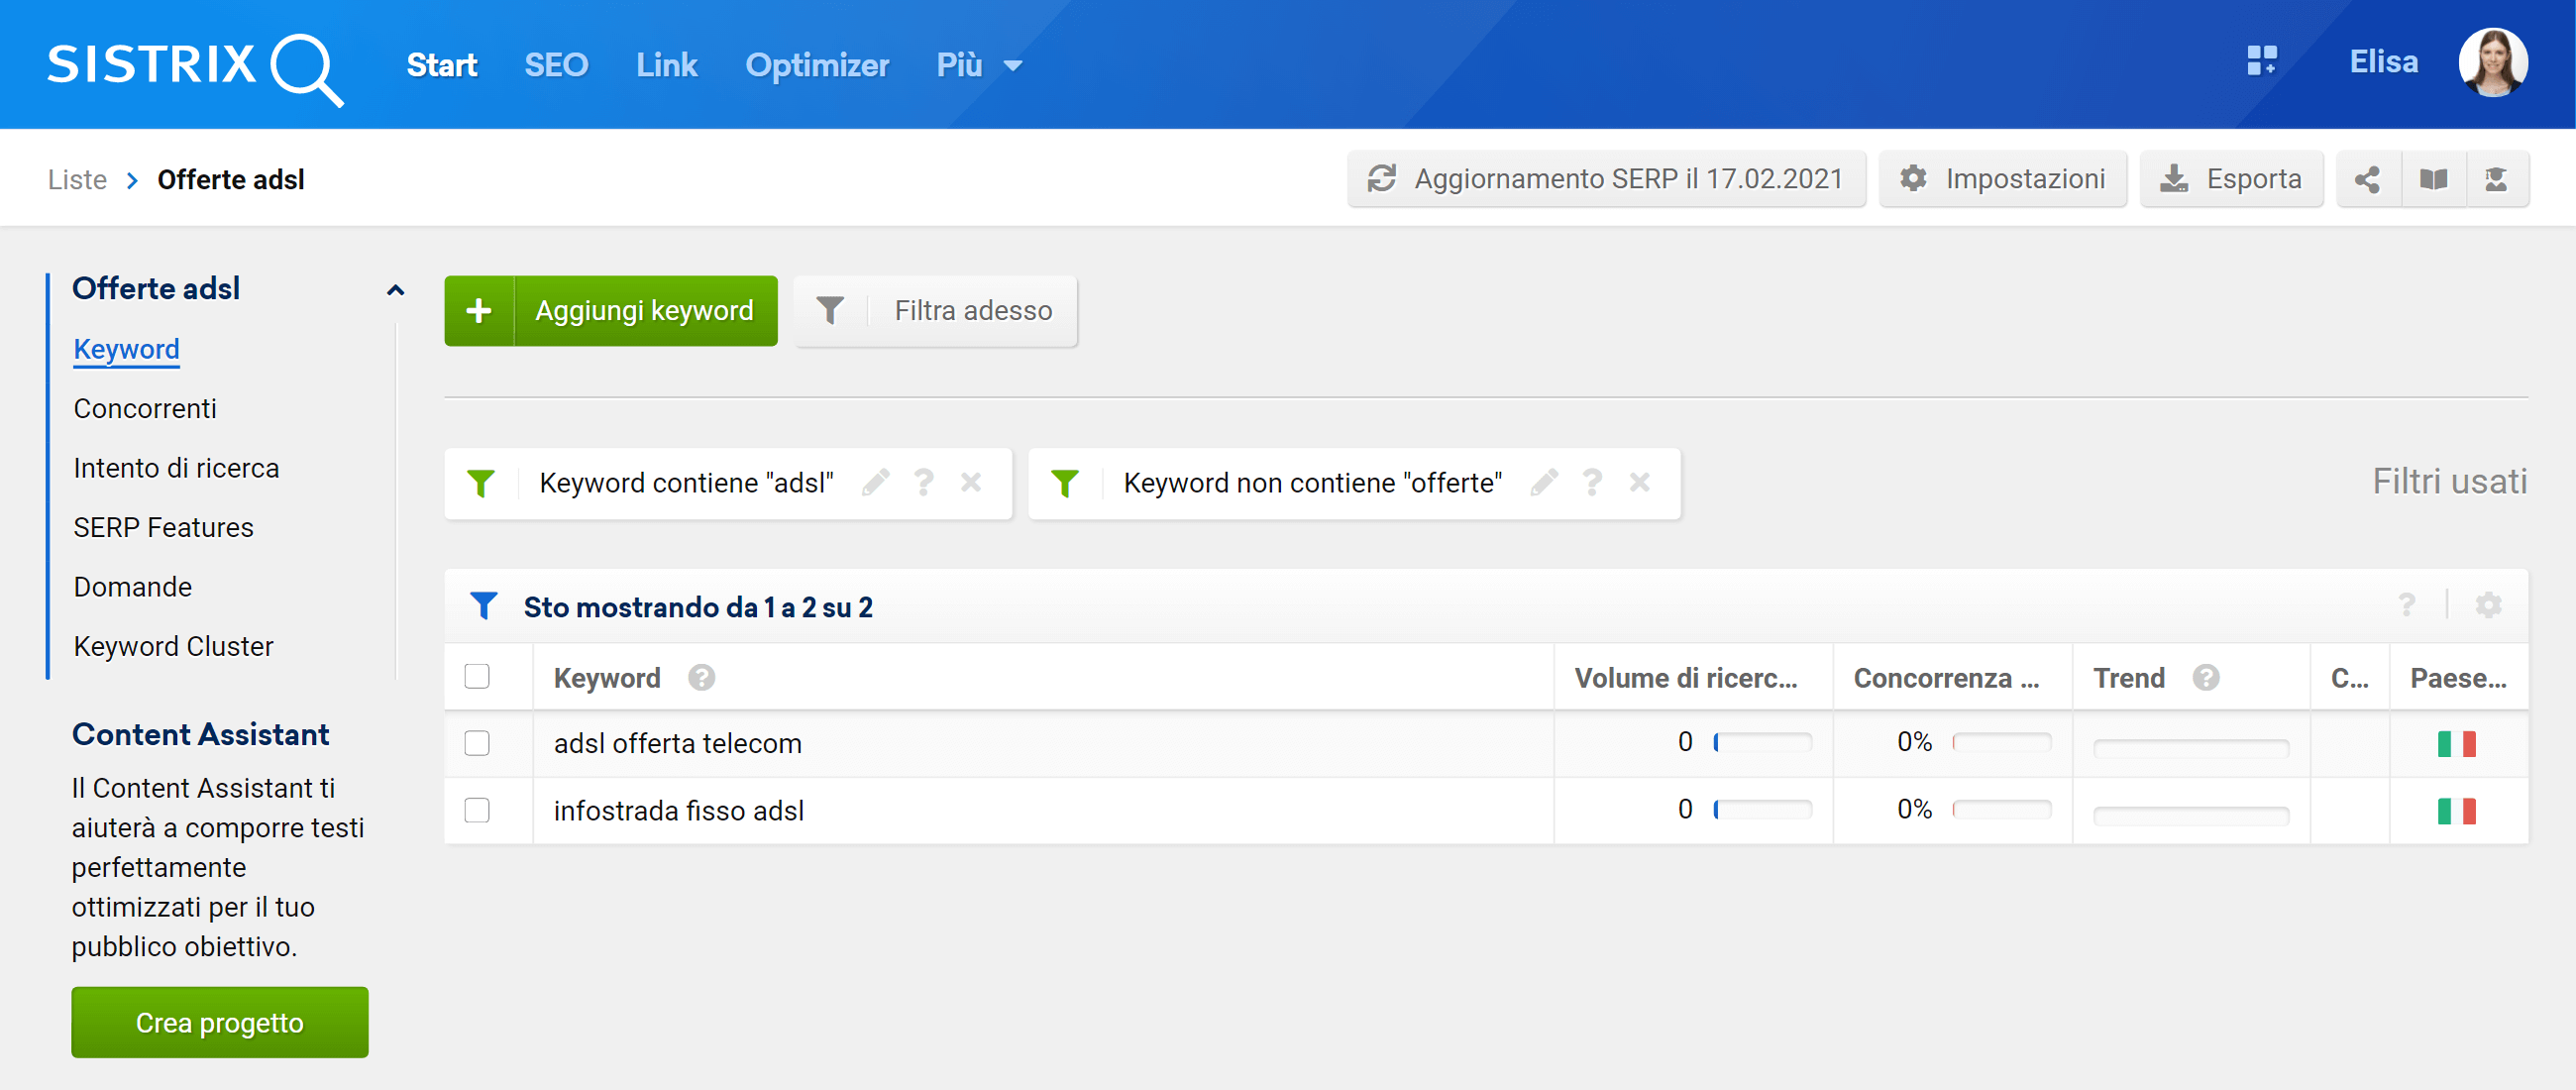 Come aggiungere dei filtri ad una lista nel Toolbox SISTRIX